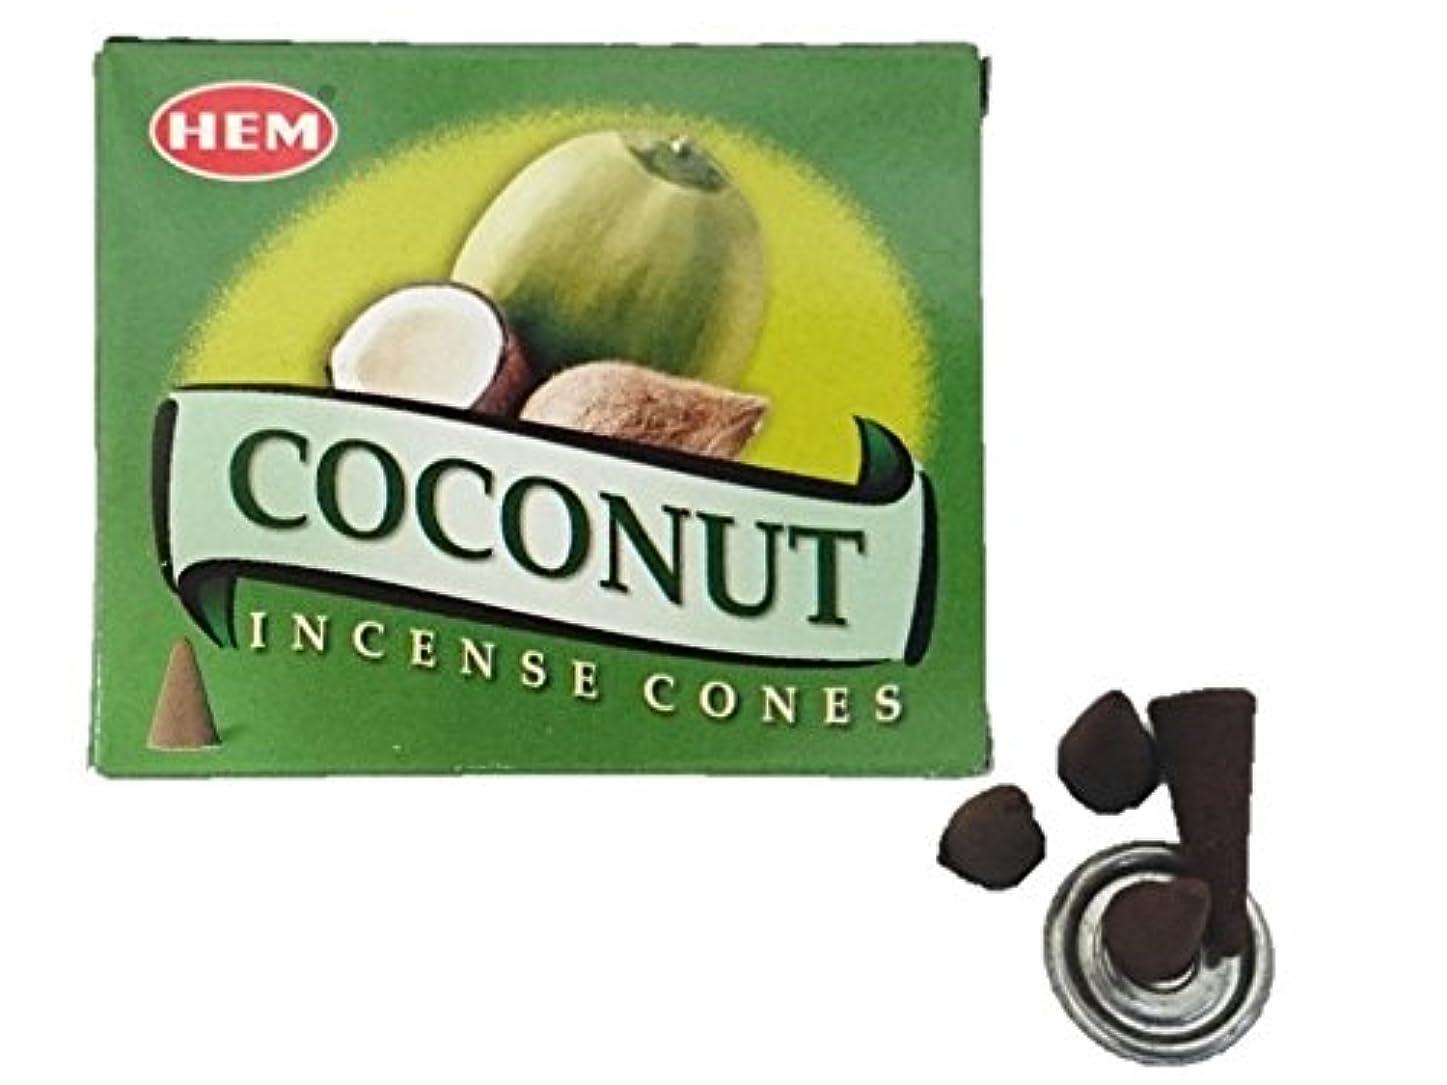 徐々に結果手を差し伸べるHEM(ヘム)お香 ココナッツ コーン 1箱